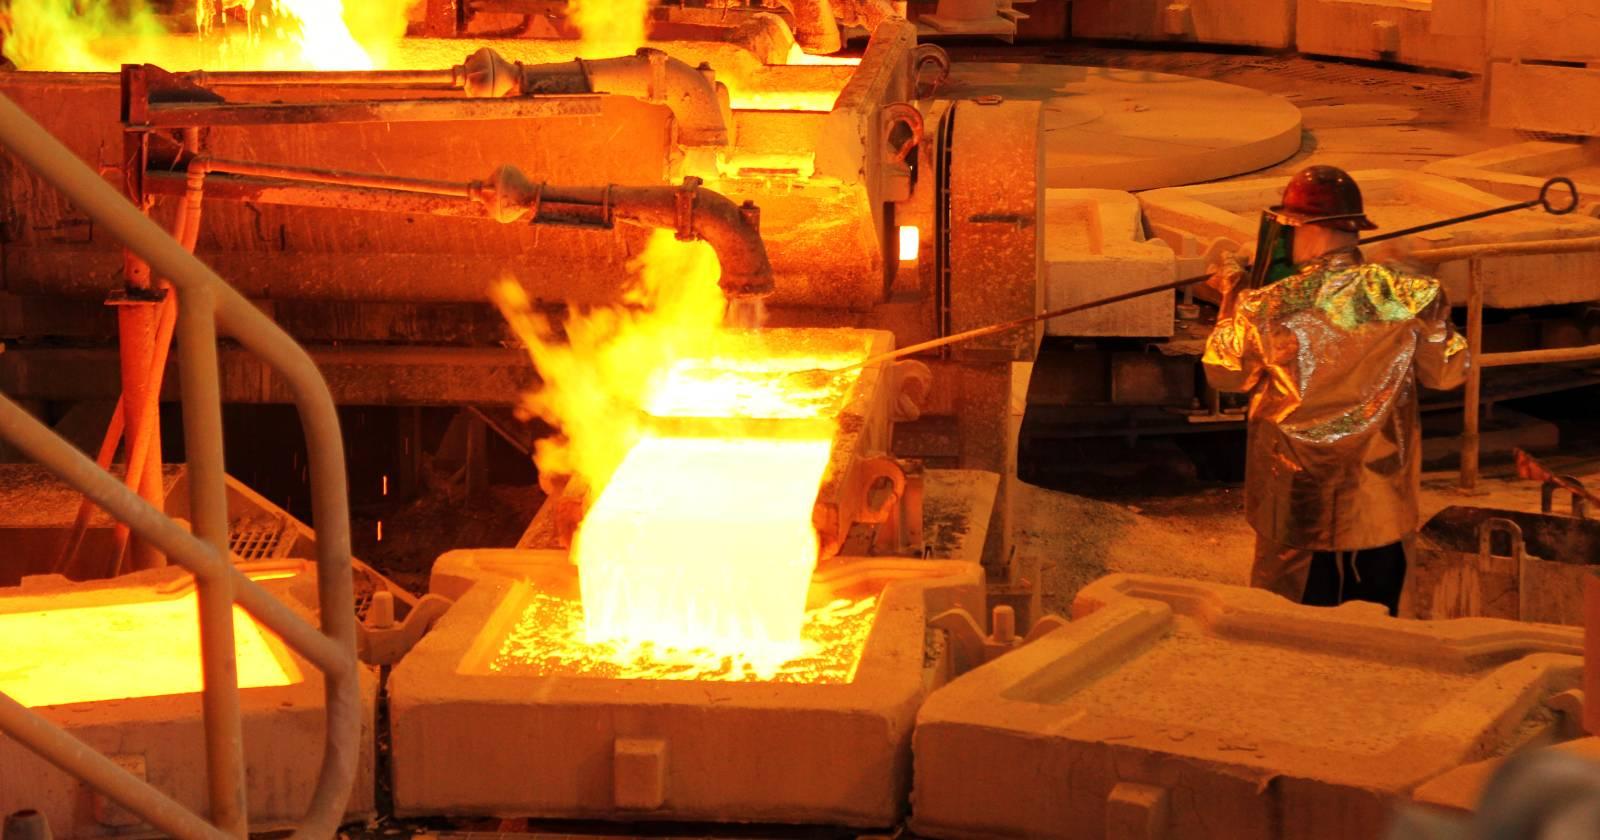 Ministro de Minería descartó propuesta UDI de privatizar Codelco